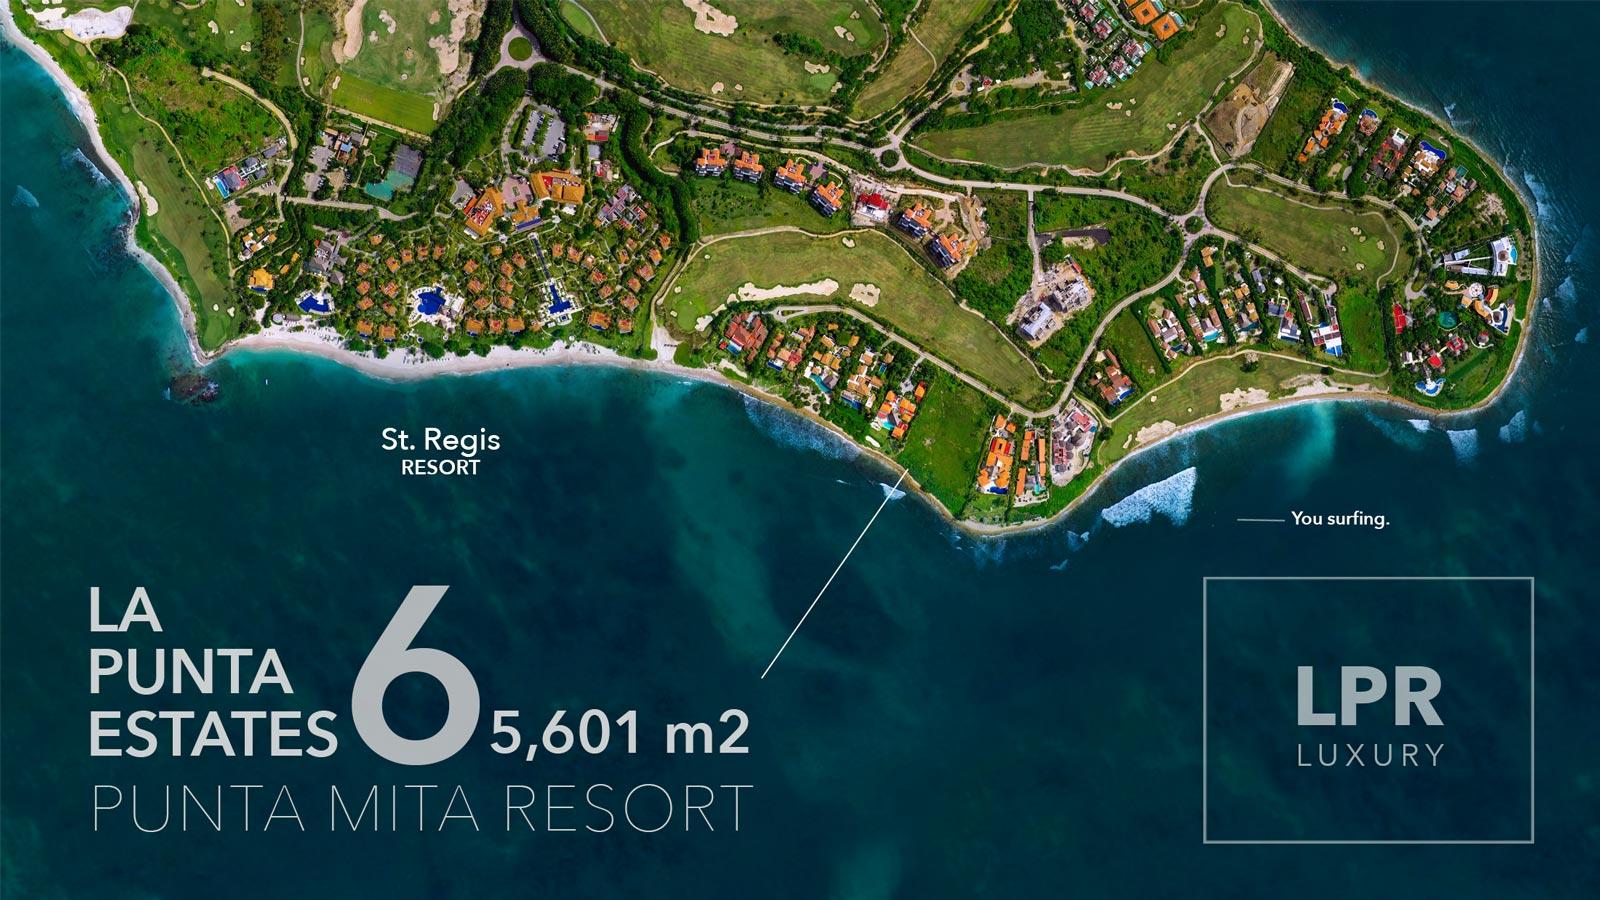 La Punta Estates - Lot 6 - Punta Mita Four Seasons / St. Regis Resort - Mexico